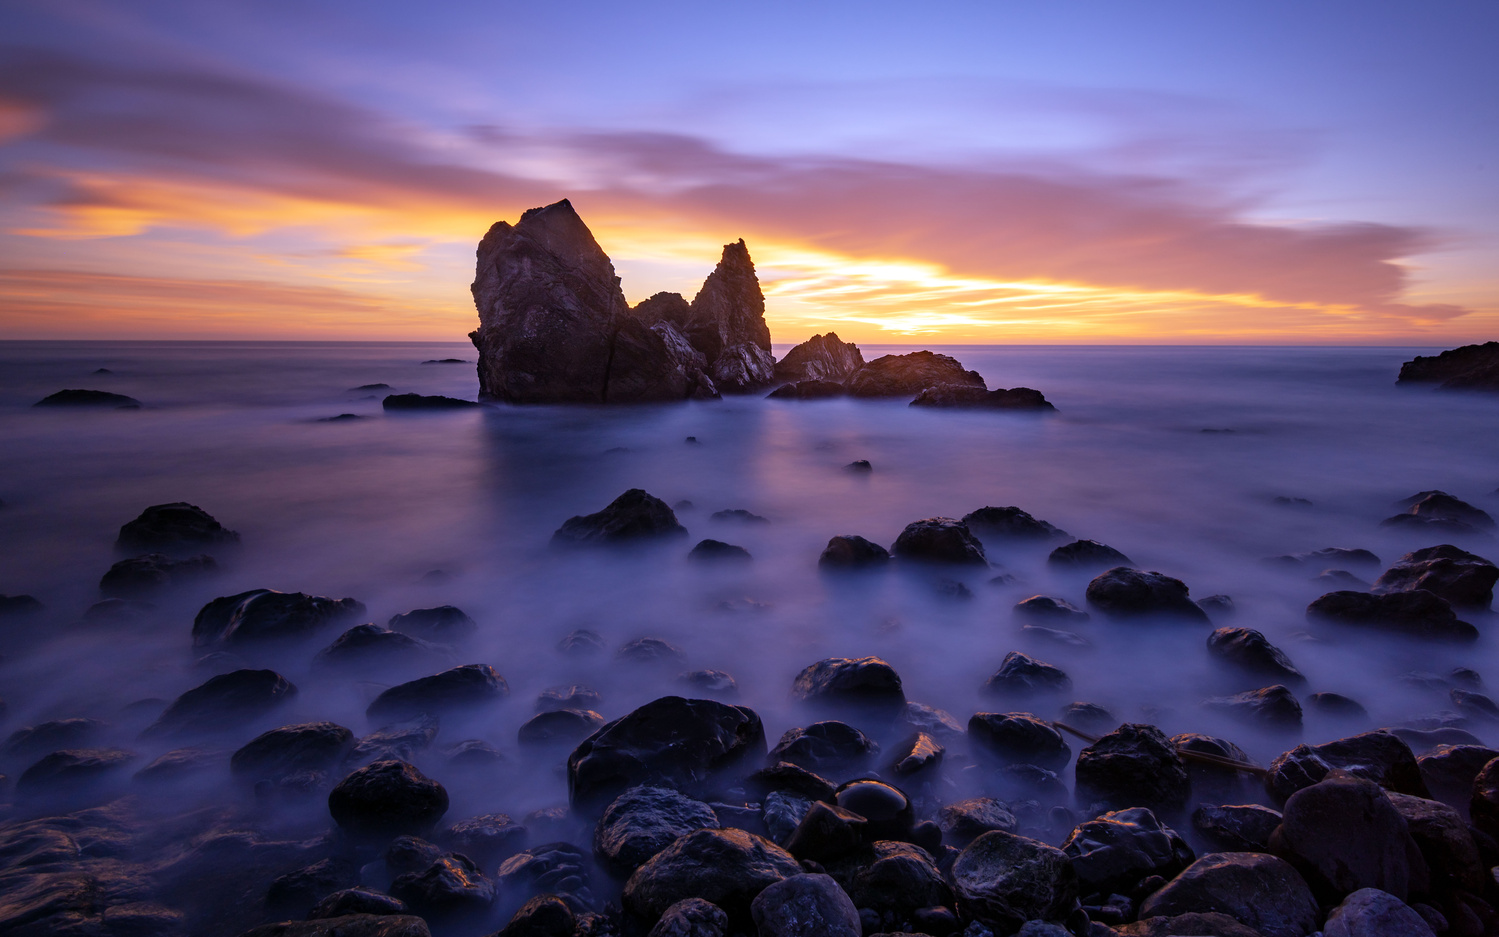 Muir Beach Twilight by Devon Wohlfahrt